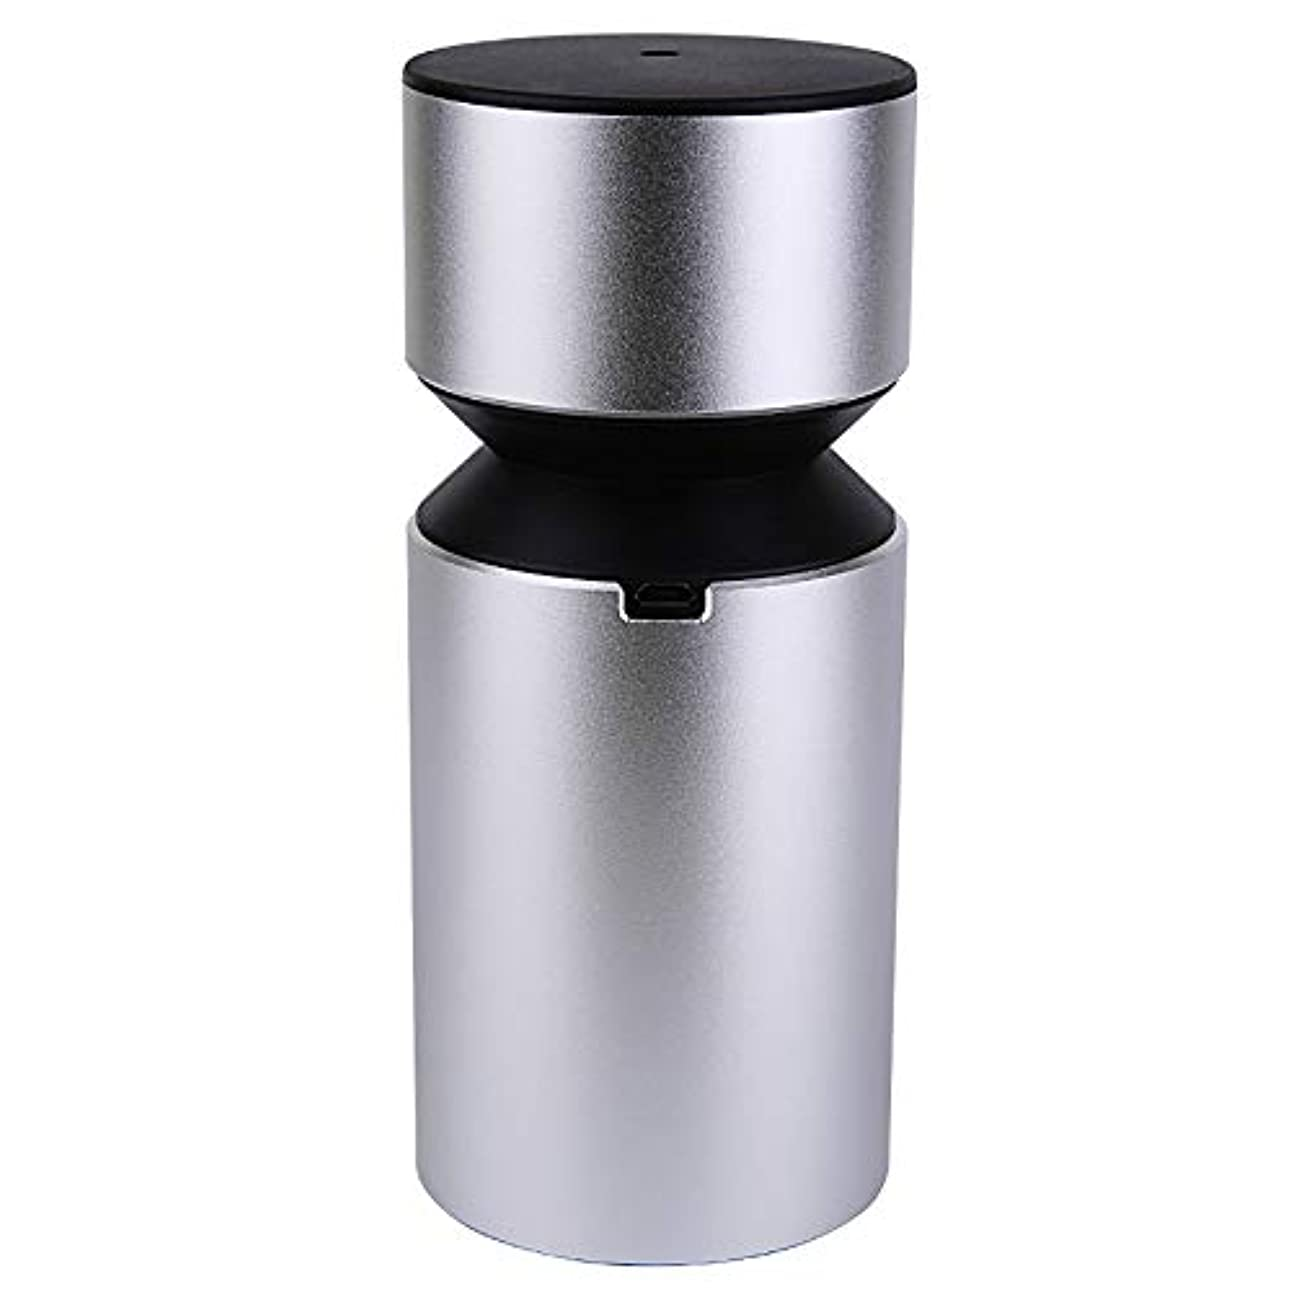 リズム脱走相対的アロマディフューザー 車載用 ネブライザー式 充電式 静音 精油瓶1個スポイト付きT11-ENS068N (シルバー)